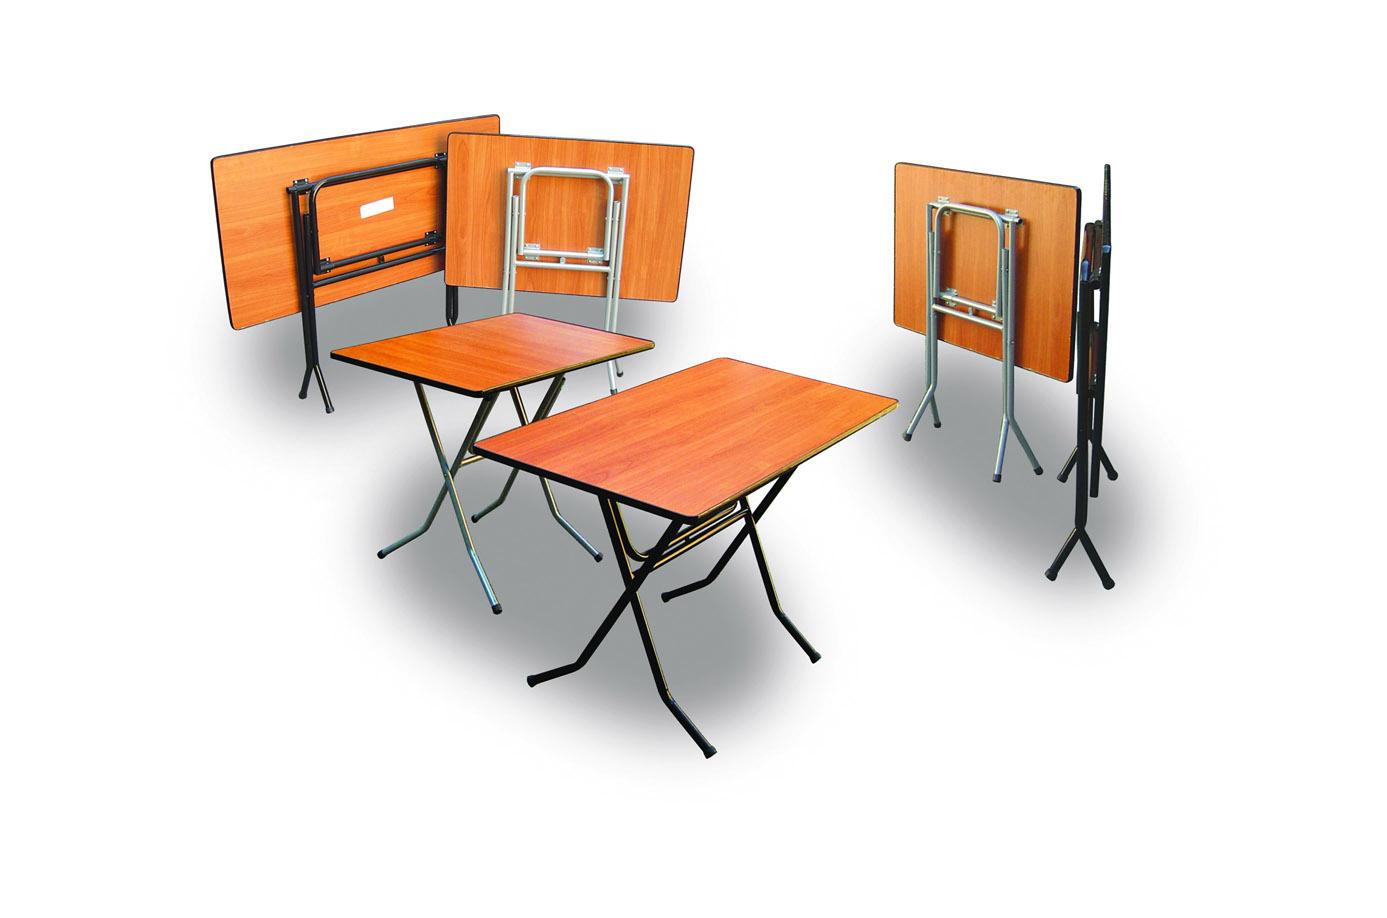 Складной банкетный стол из ДСП